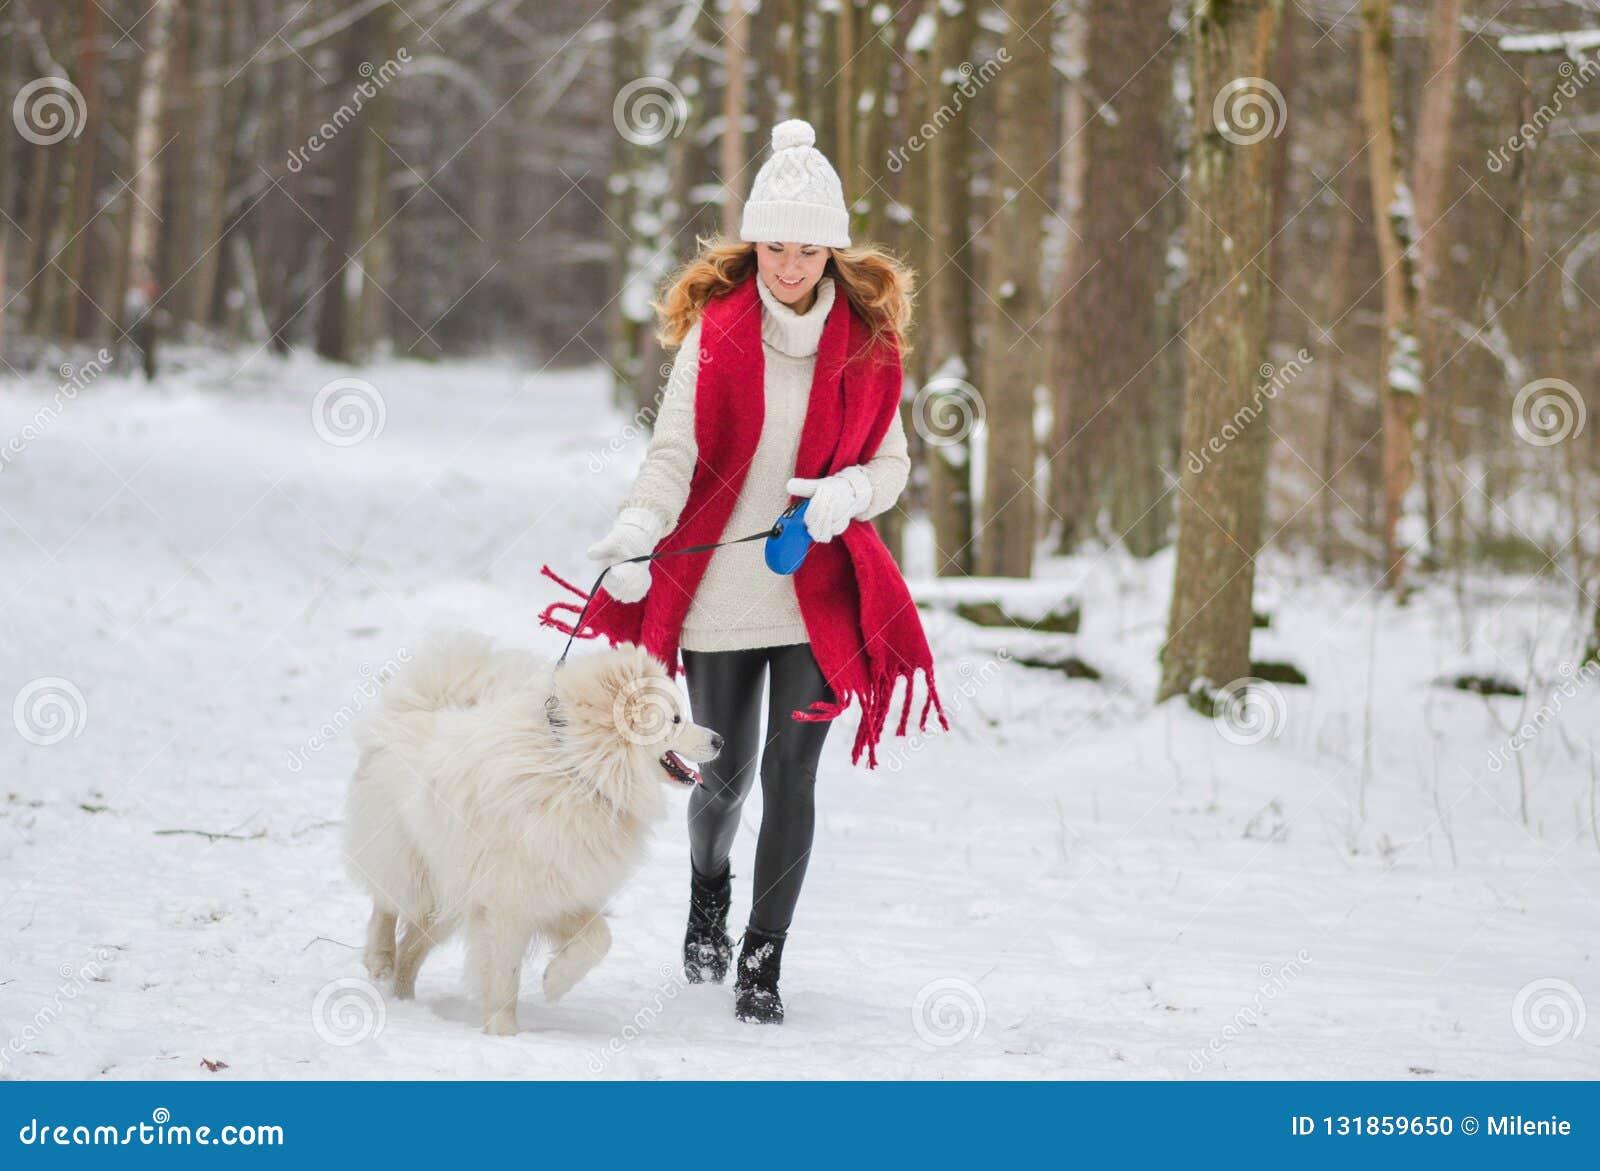 Jovem mulher bonita no inverno nevado Forest Park Walking Playing com seu cão